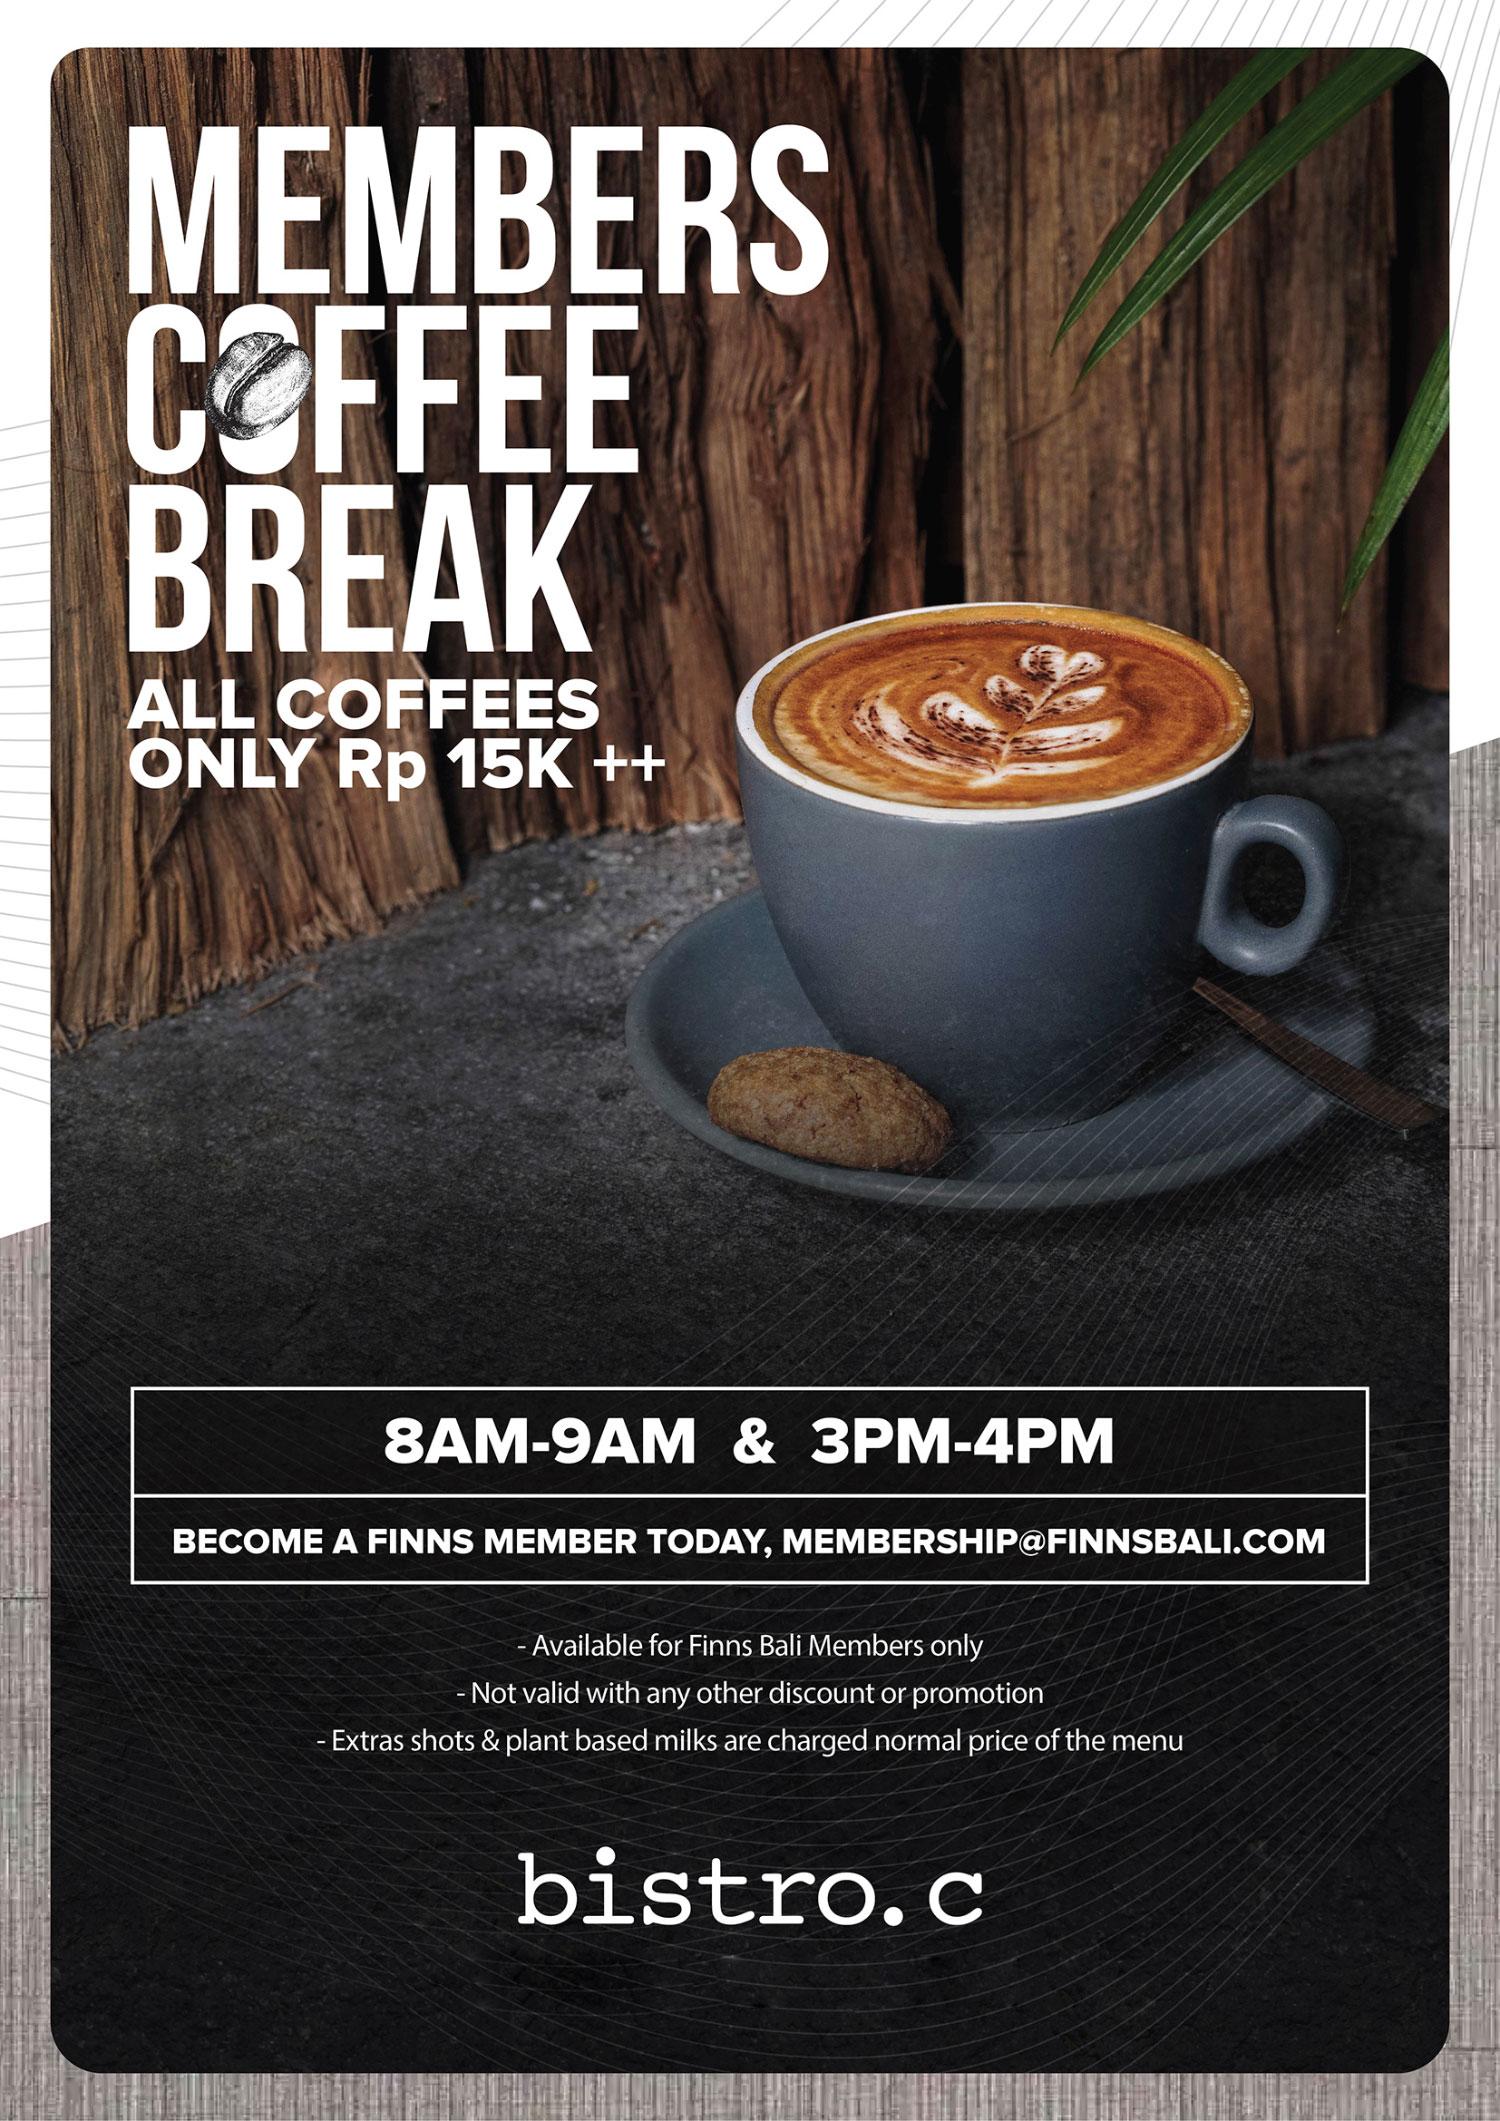 Members Coffee Break